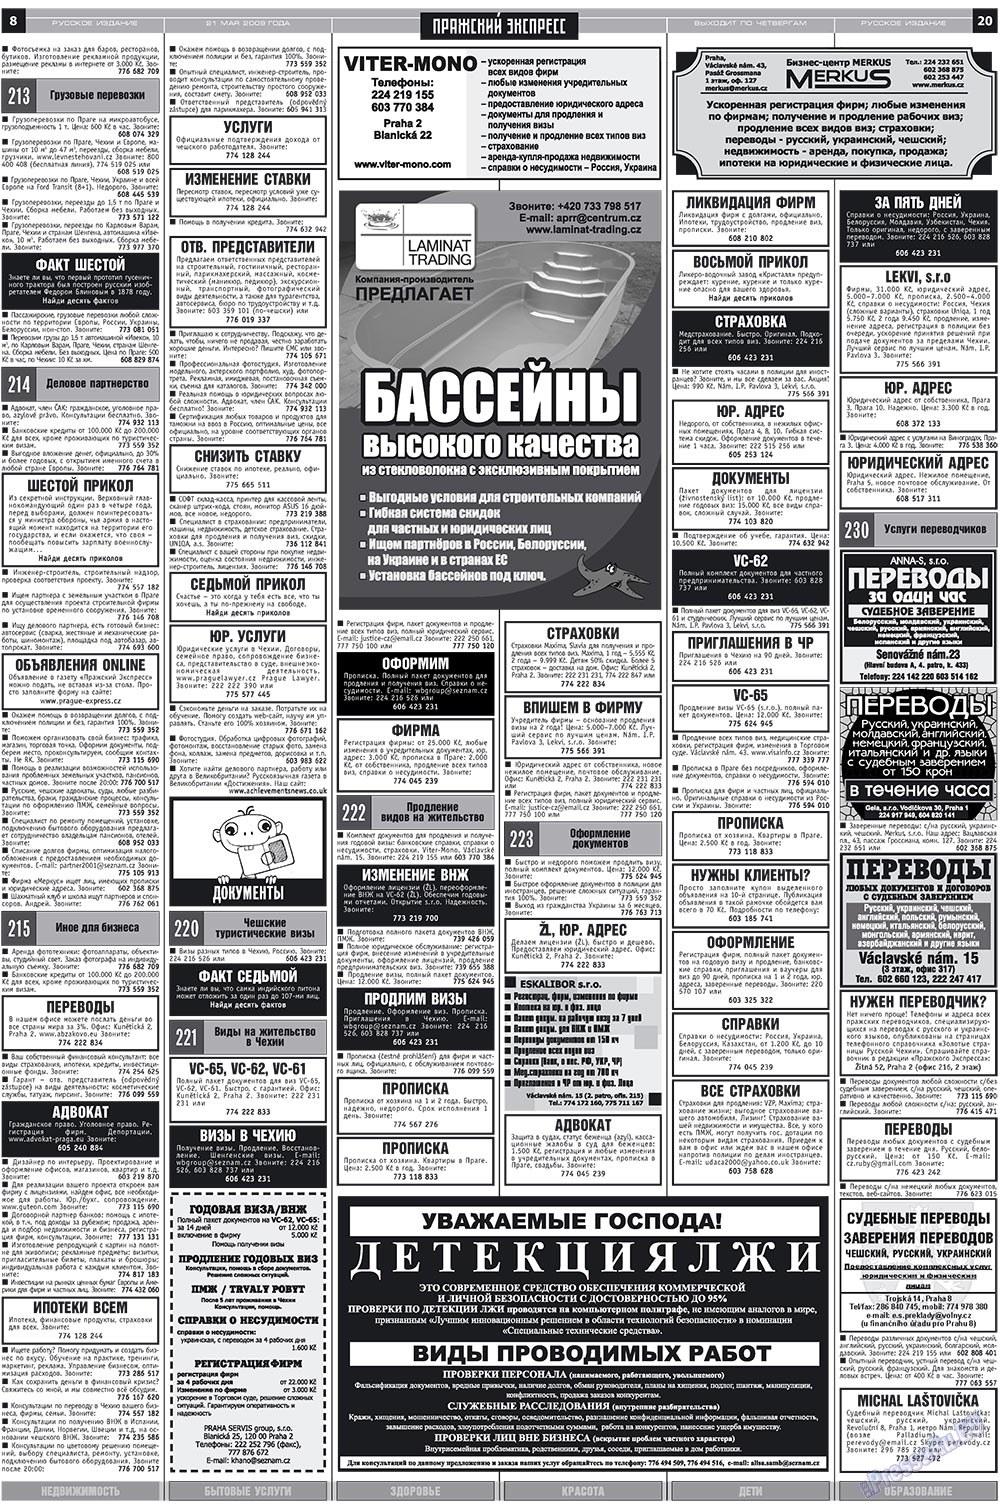 Пражский экспресс (газета). 2009 год, номер 20, стр. 8